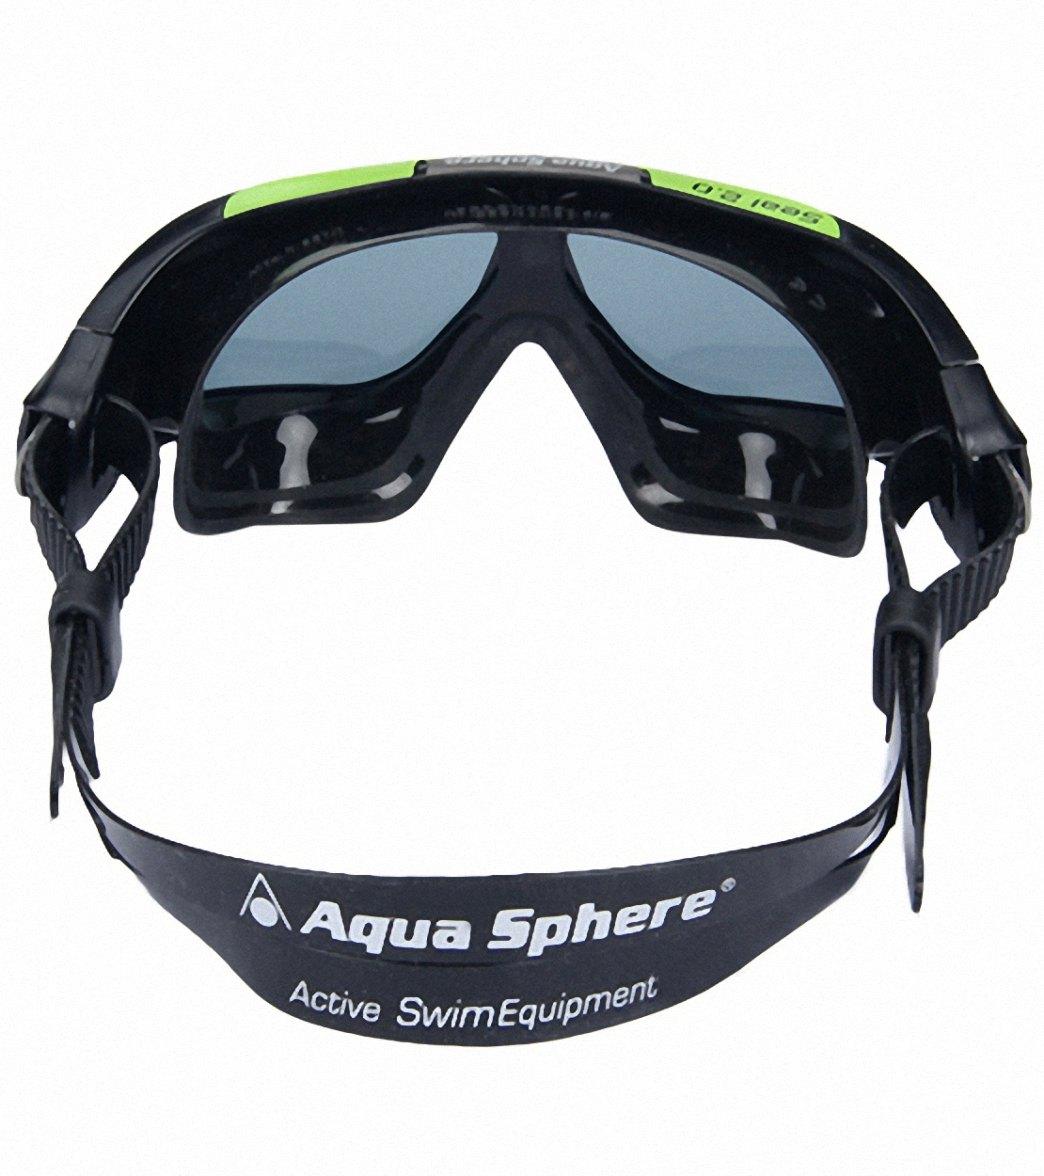 ec95407a5e3 Aqua Sphere Seal 2.0 Tinted Lens Swim Mask at SwimOutlet.com